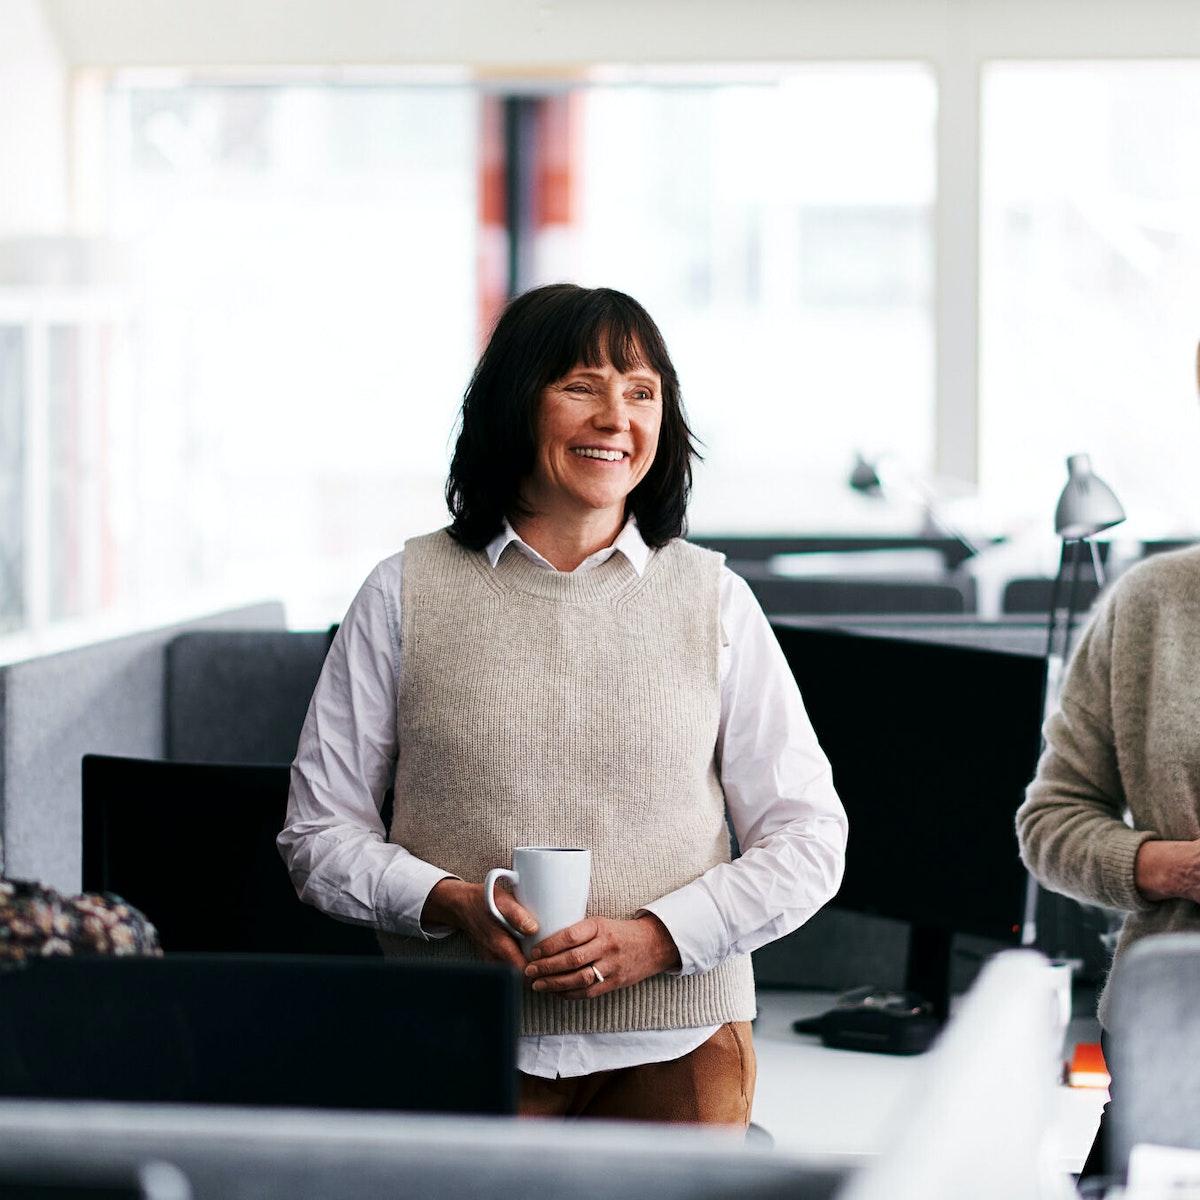 ASV HR Huset situasjoner web 10